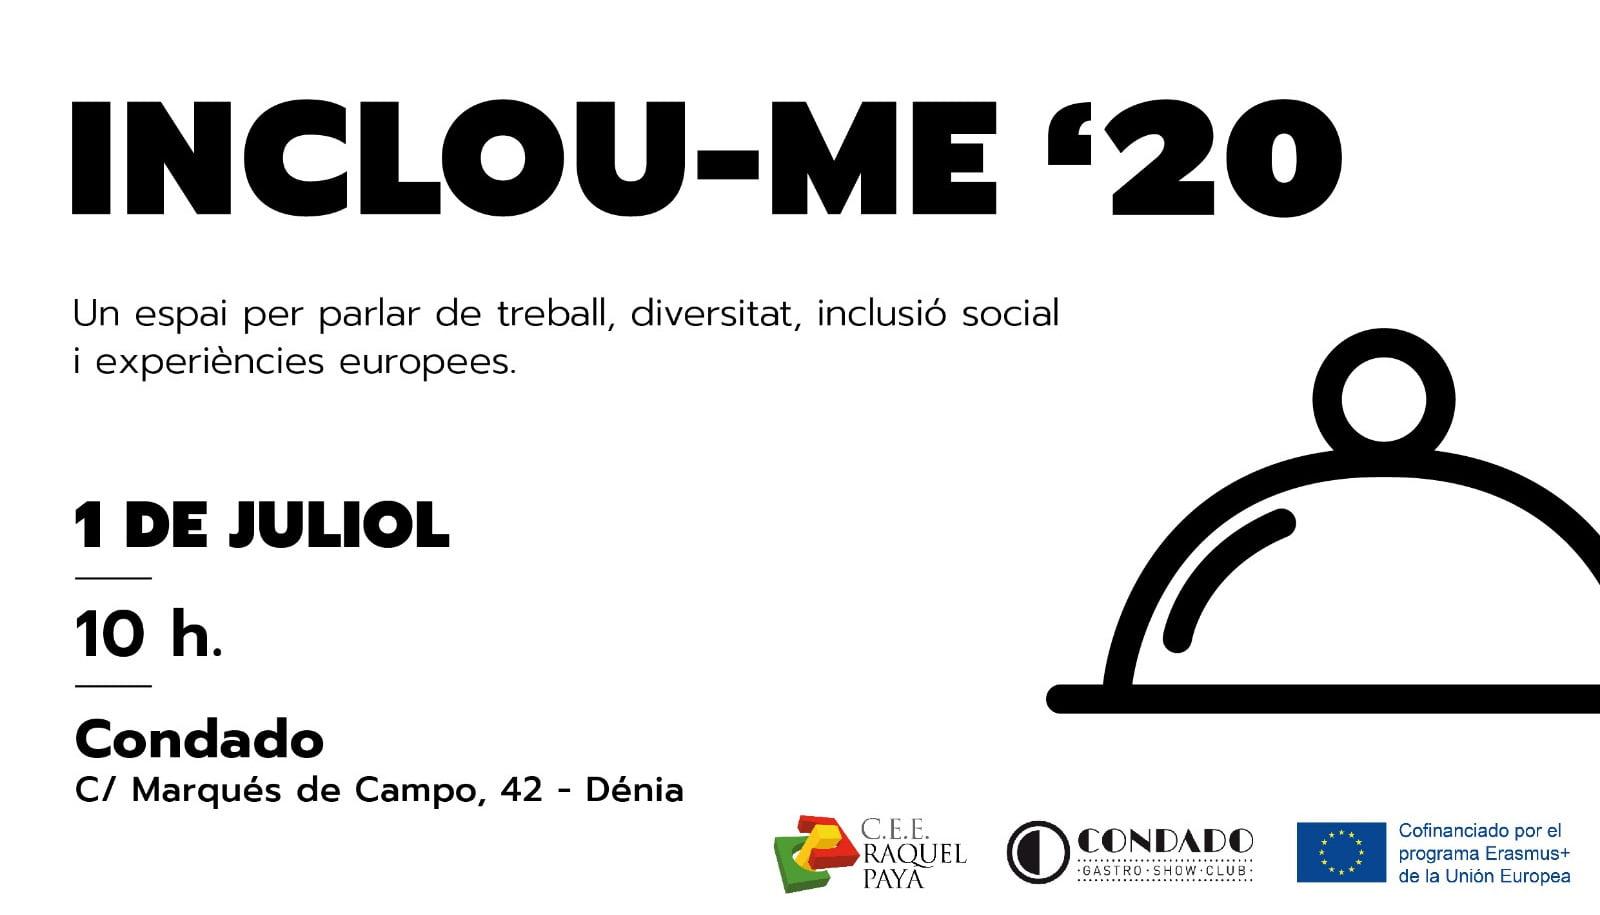 INCLOU-ME 2020 poster